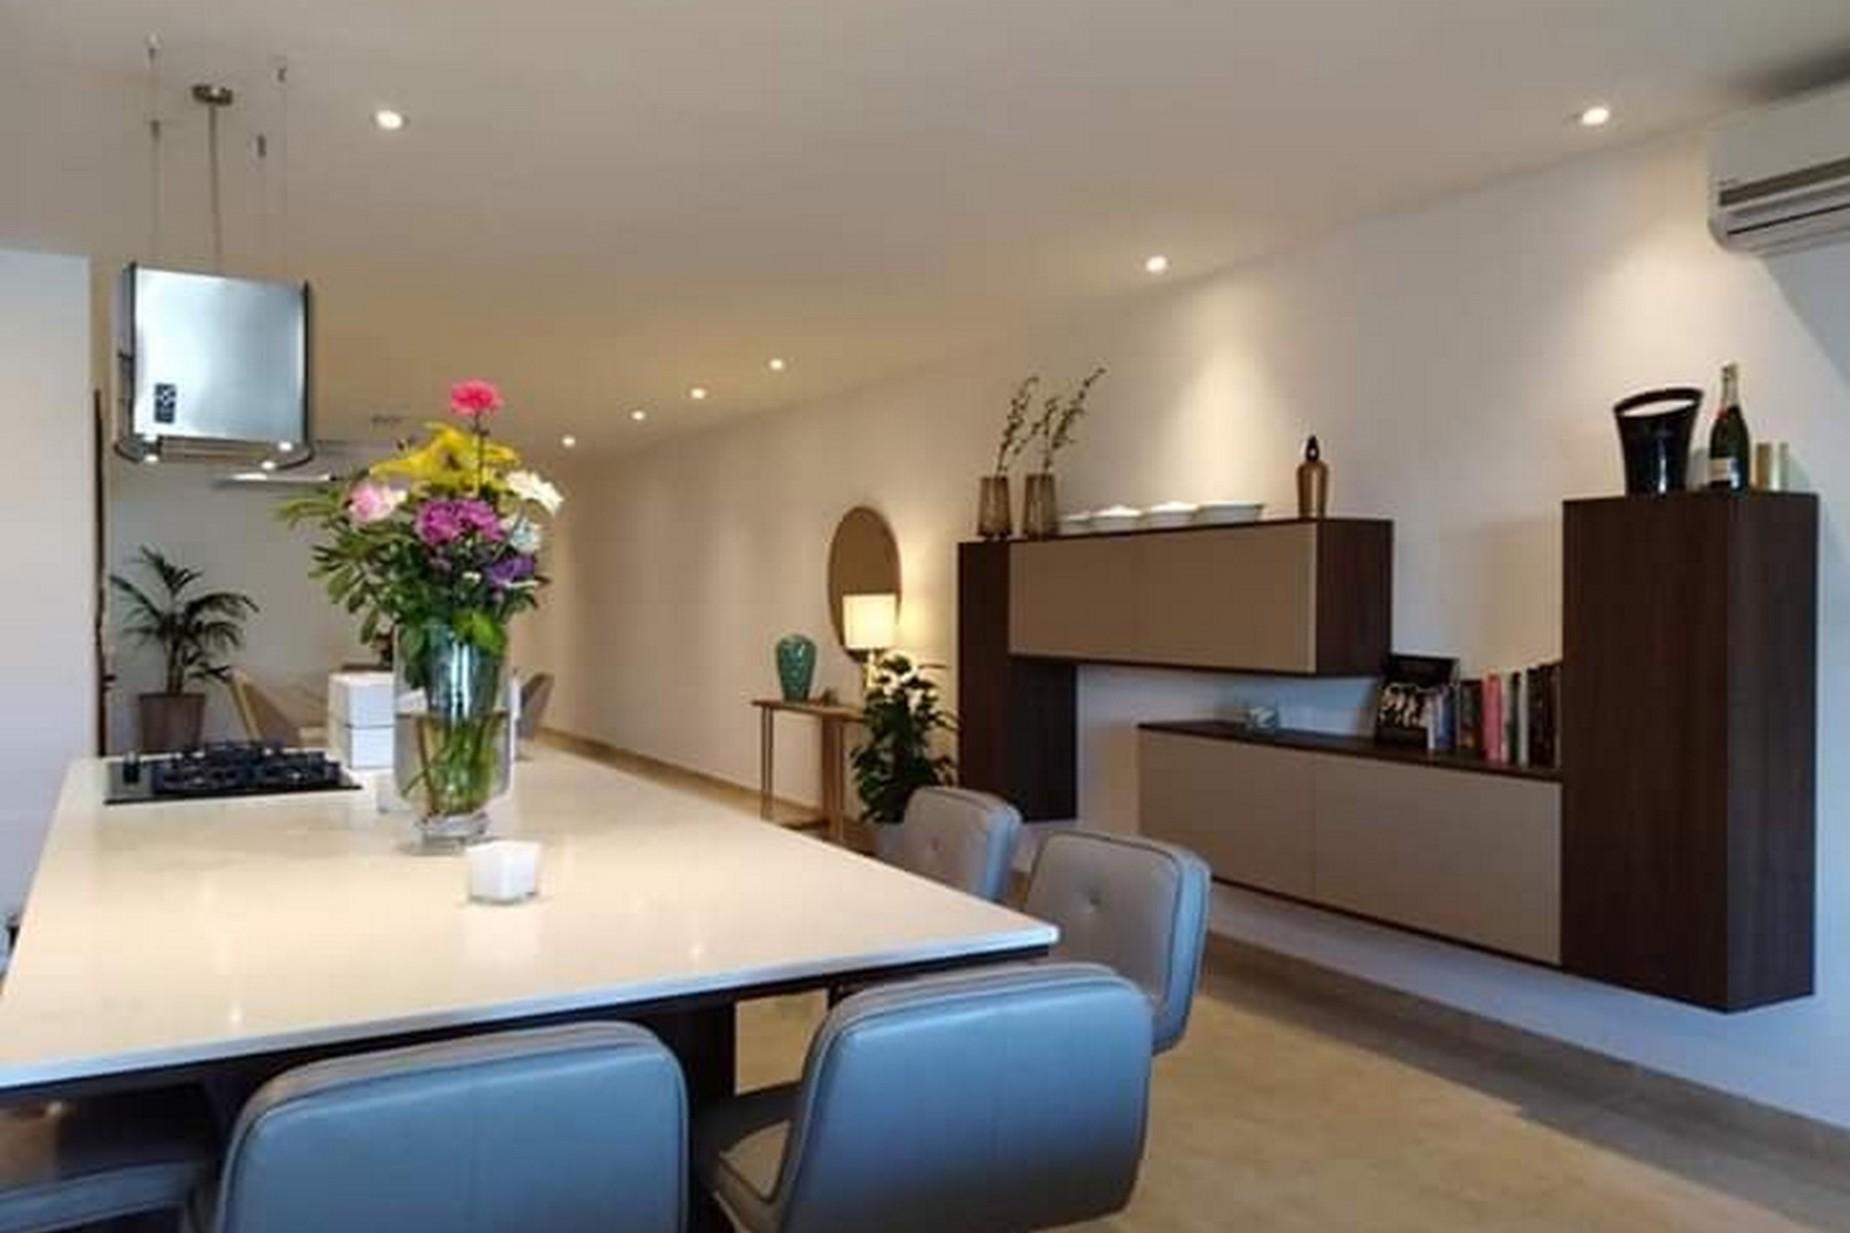 4 bed Apartment For Sale in Santa Venera, Santa Venera - thumb 2